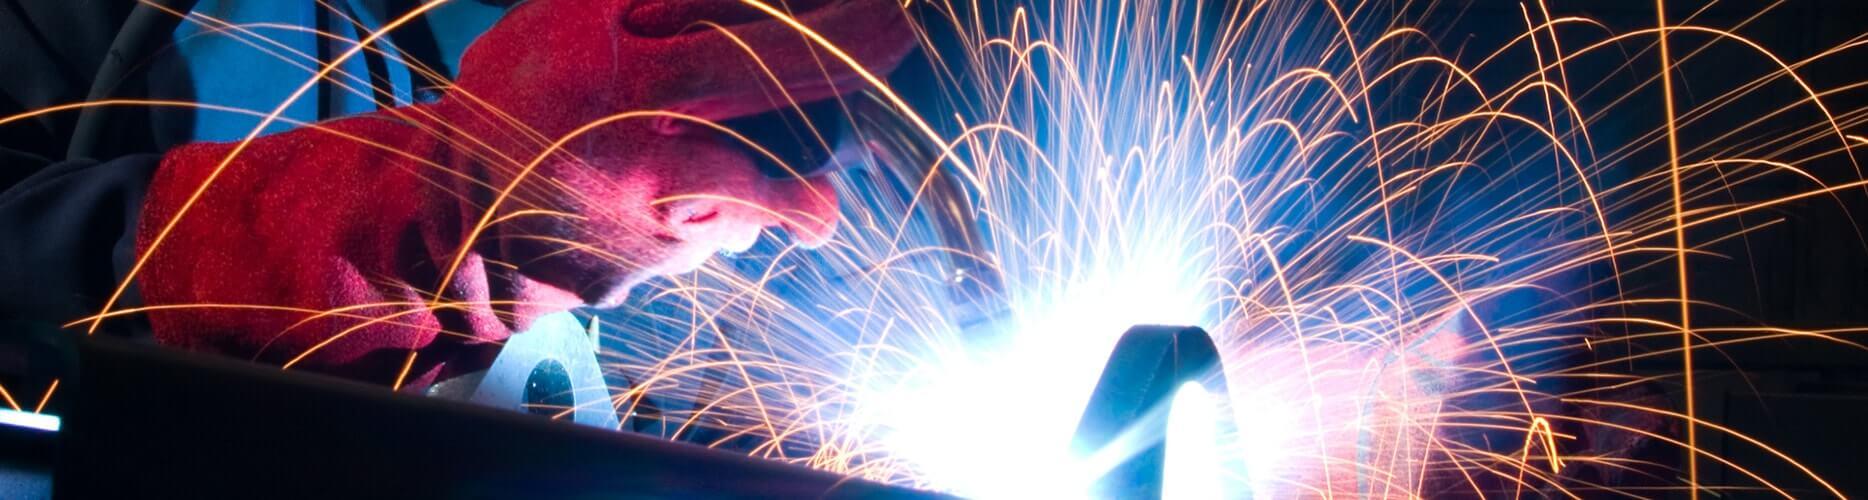 welding4-min